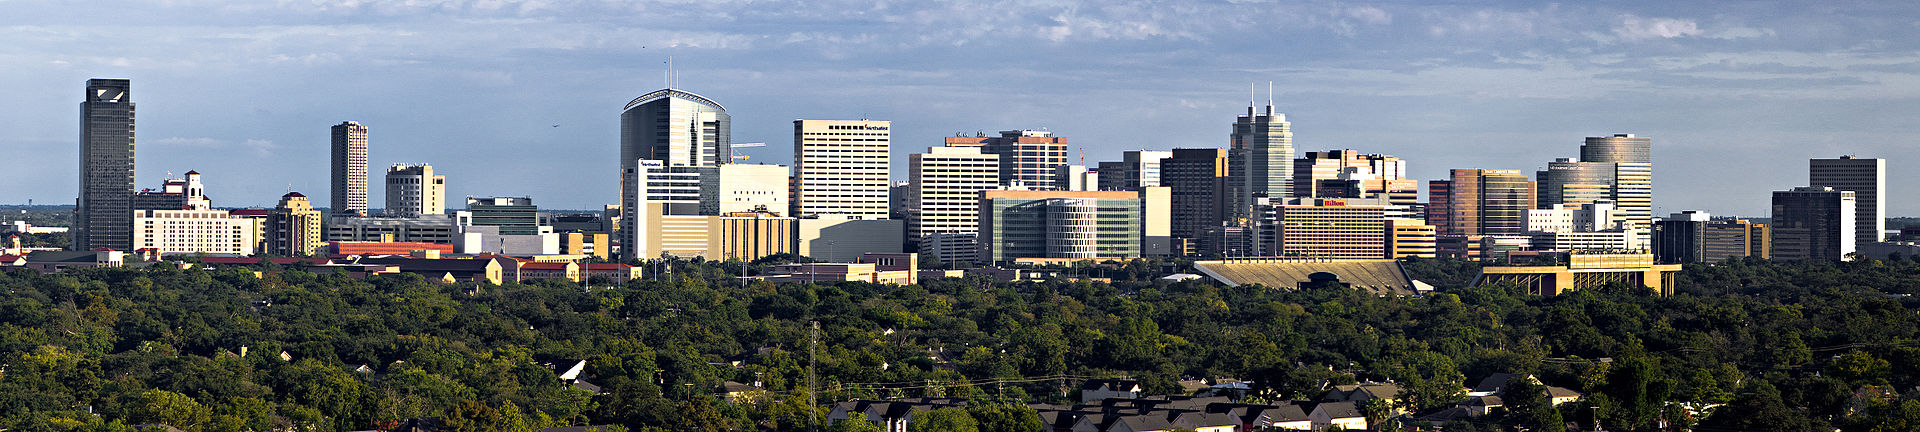 Skyline_of_the_Texas_Medical_Center_-_Houston,_TX.jpg